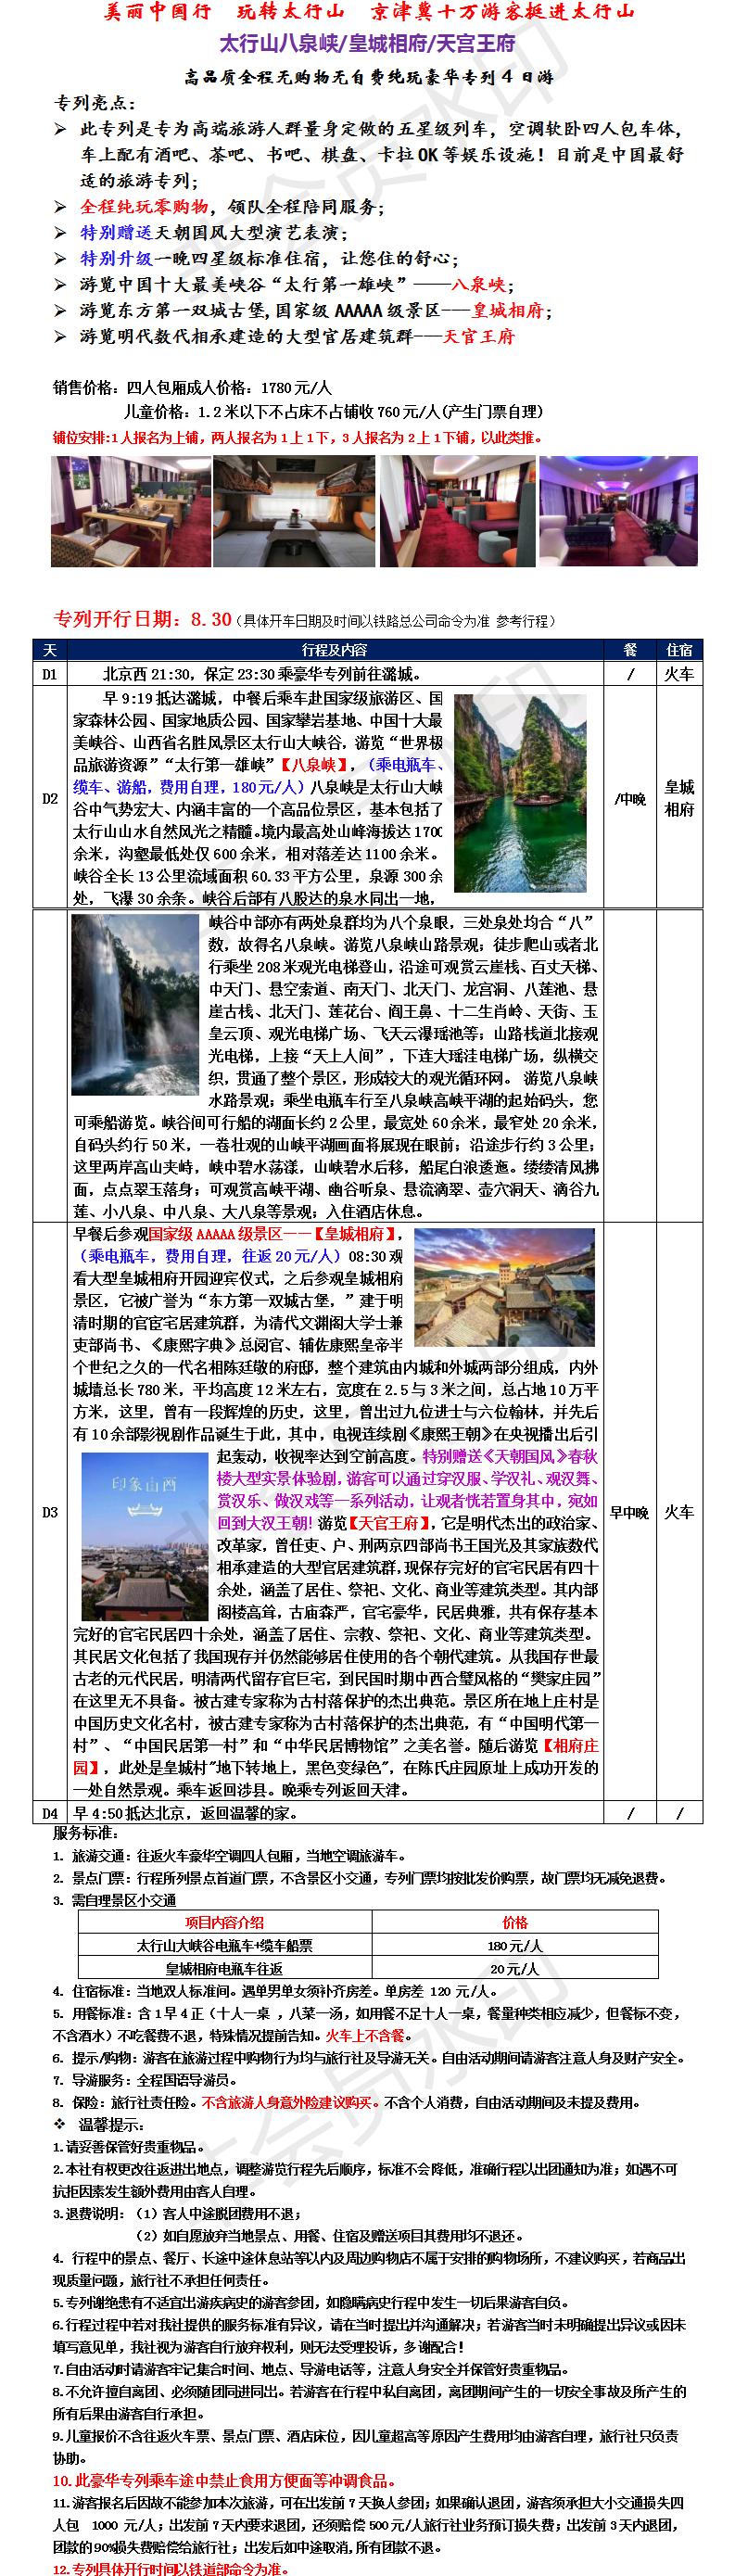 8.30皇城相府太行山周末4日专列-1-1